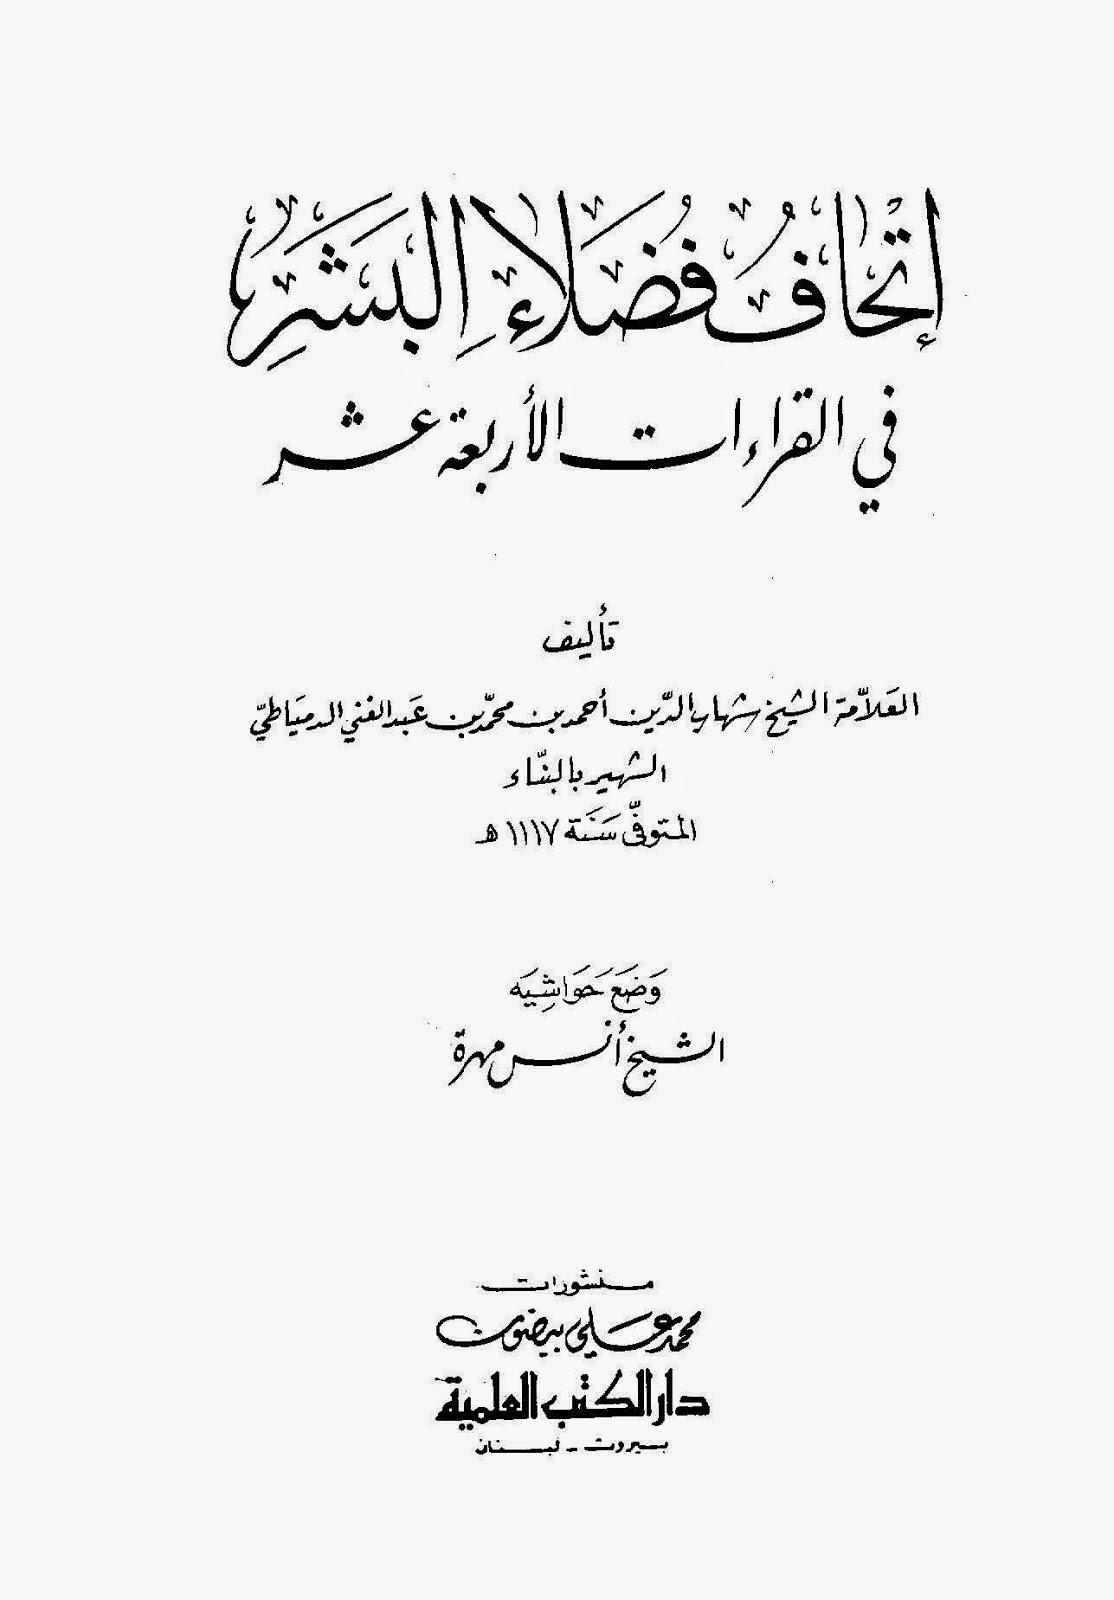 إتحاف الفضلاء البشر في القراءات الأربعة عشر - شهاب الدين الدمياطي pdf